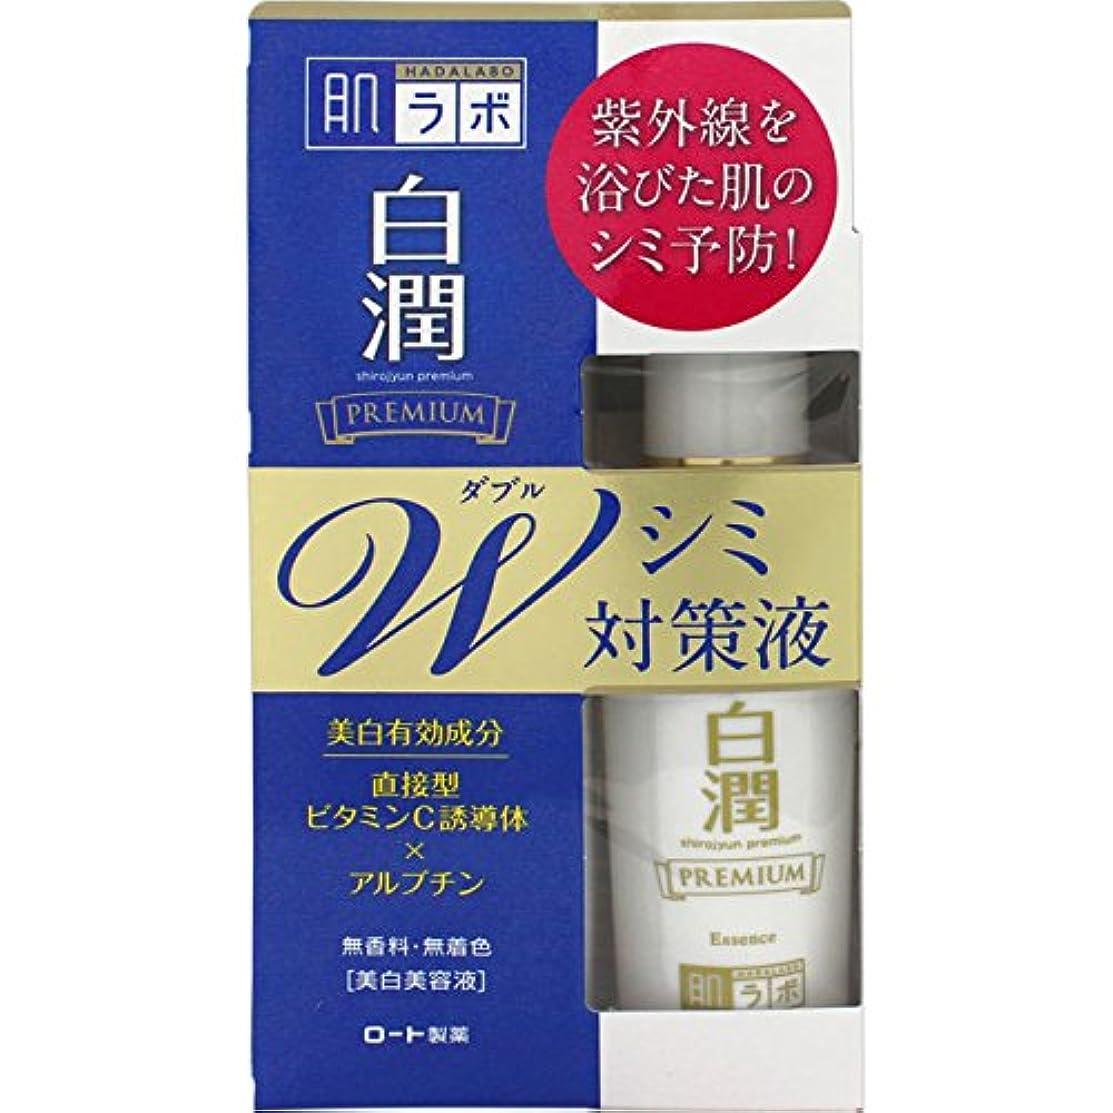 物理的に社説応援する【医薬部外品】肌ラボ 白潤 プレミアムW美白美容液 シミ予防 美白有効成分高純度ビタミンC×アルブチン配合 40mL